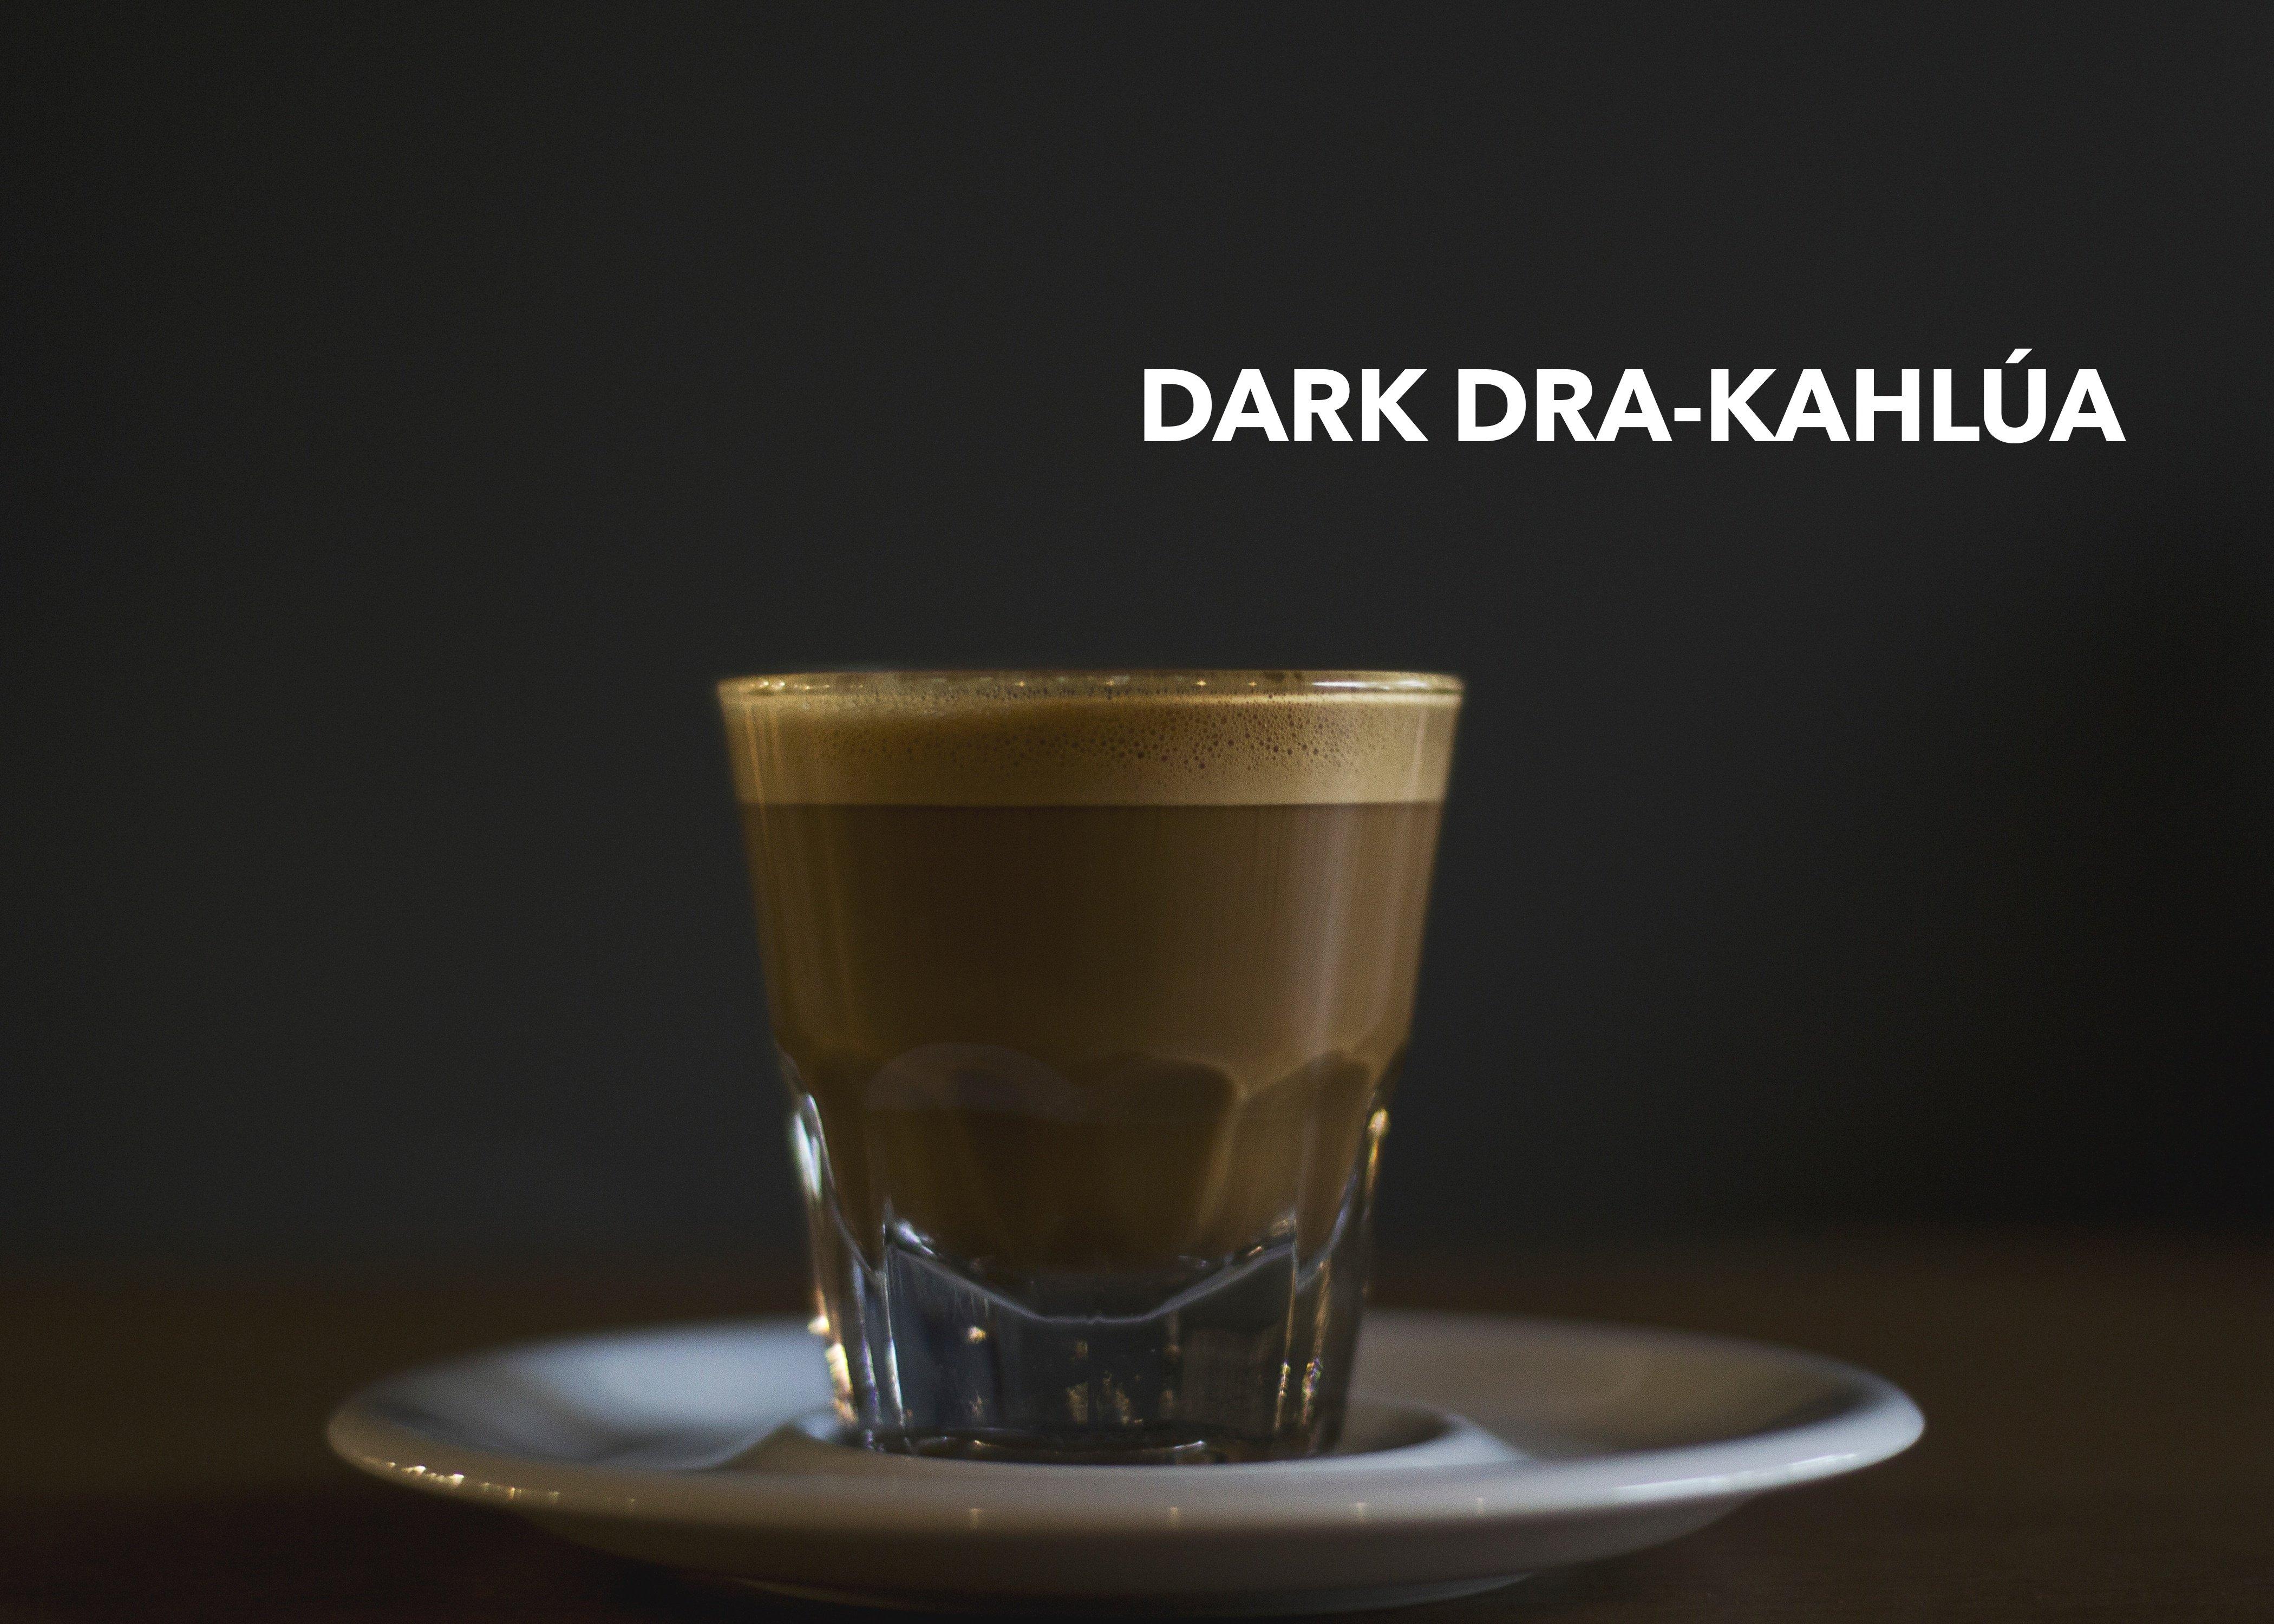 Dark Dra-Kahlua